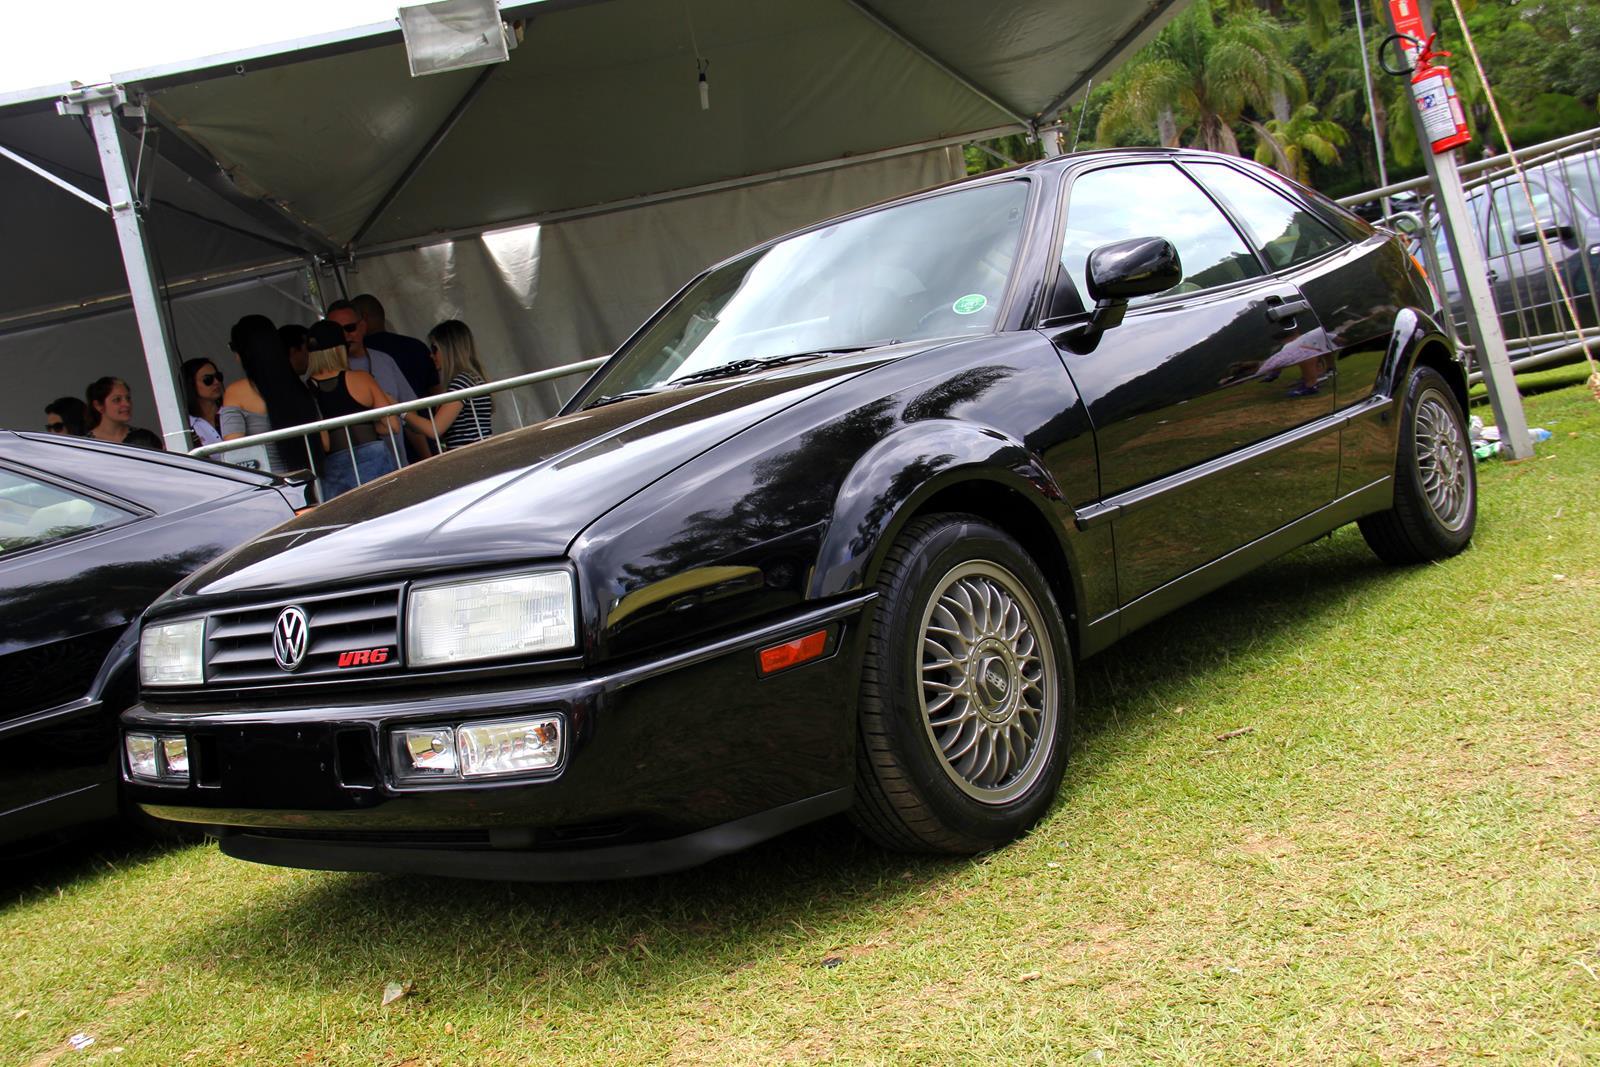 Conta-se que existem apenas 10 Volkswagen Corrado no Brasil. Dois deles estiveram no BGT